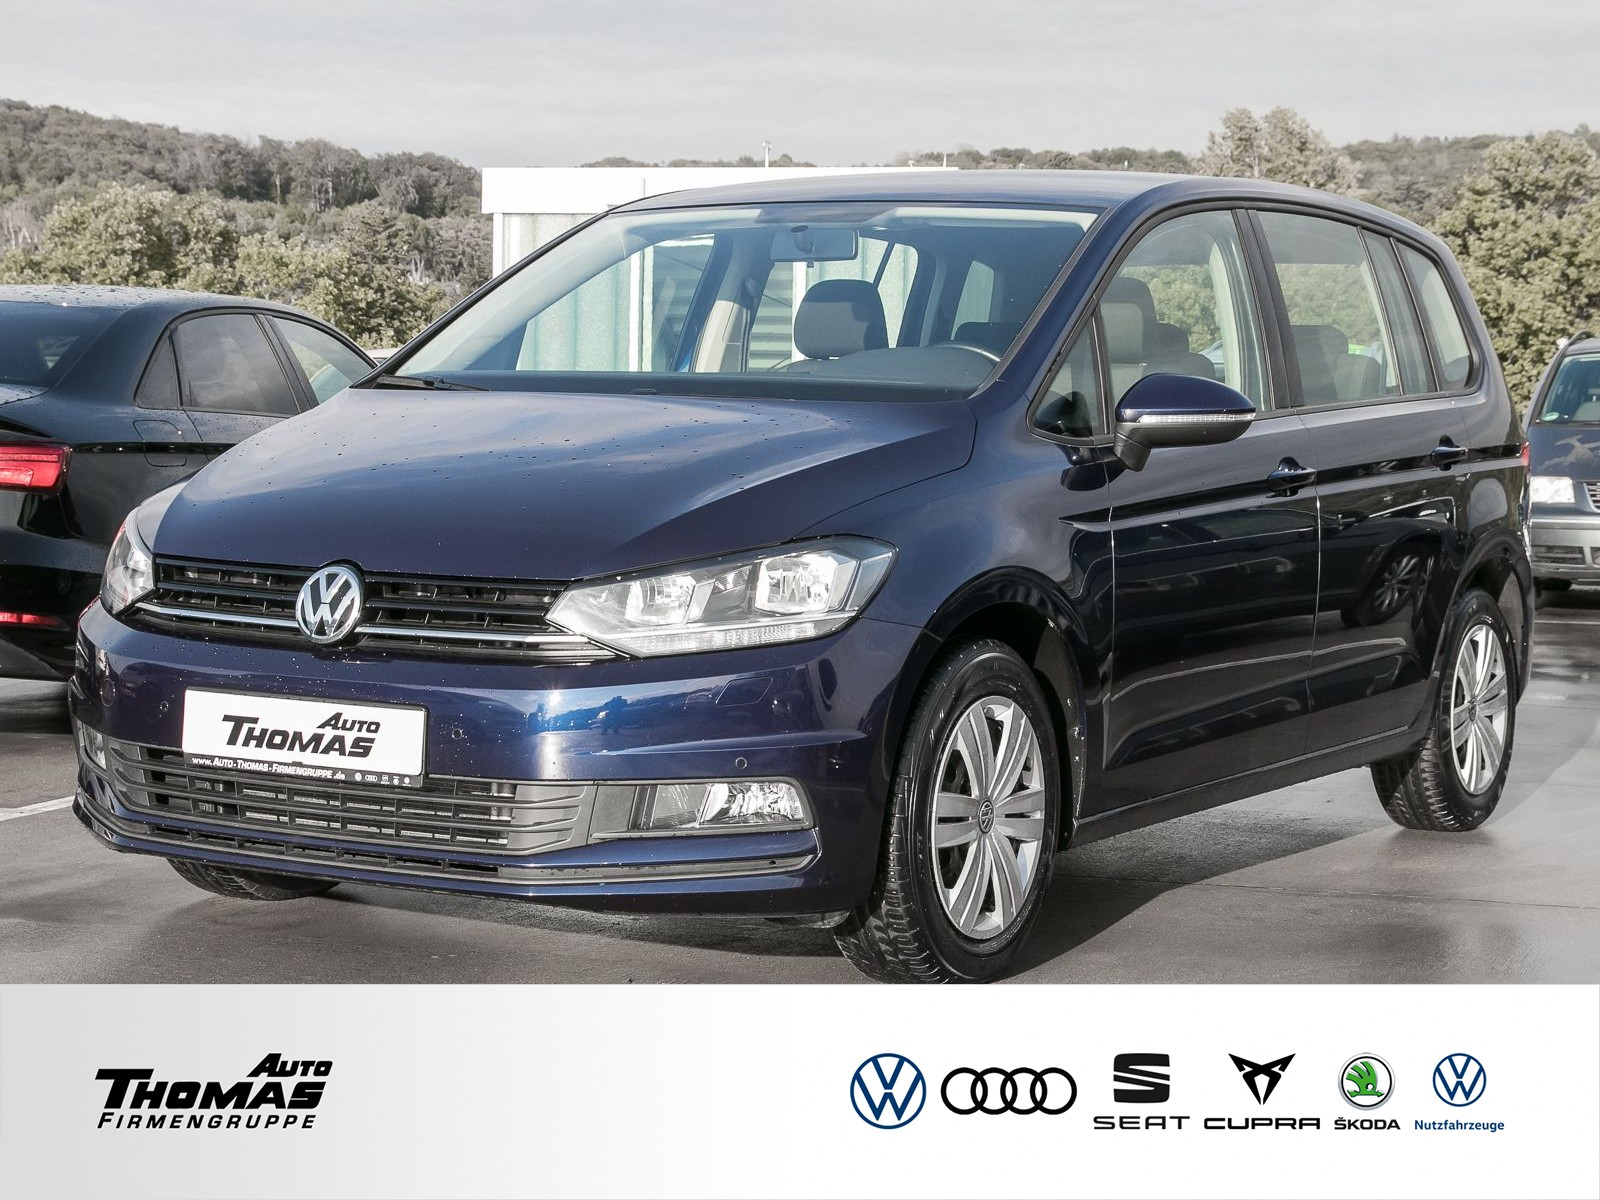 """Volkswagen Touran """"Trendline"""" 1.6 TDI DSG NAVI+PDC+AHK, Jahr 2017, diesel"""